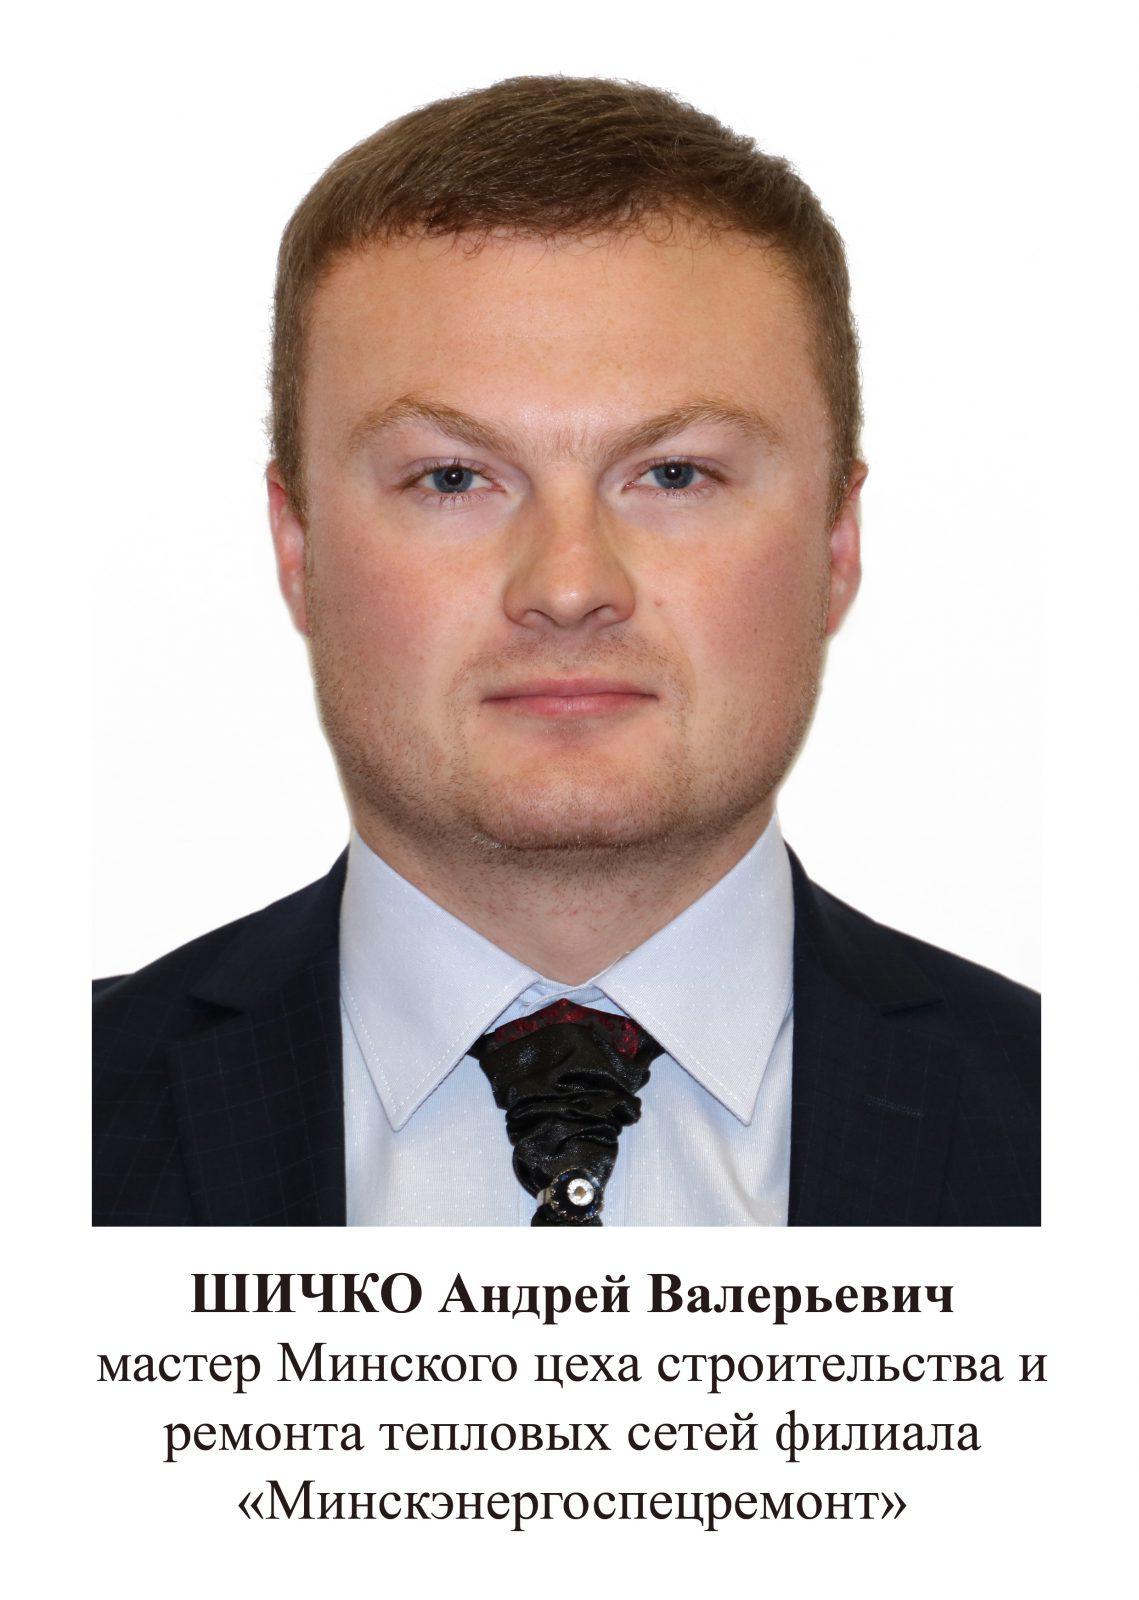 Шичко Андрей Валерьевич